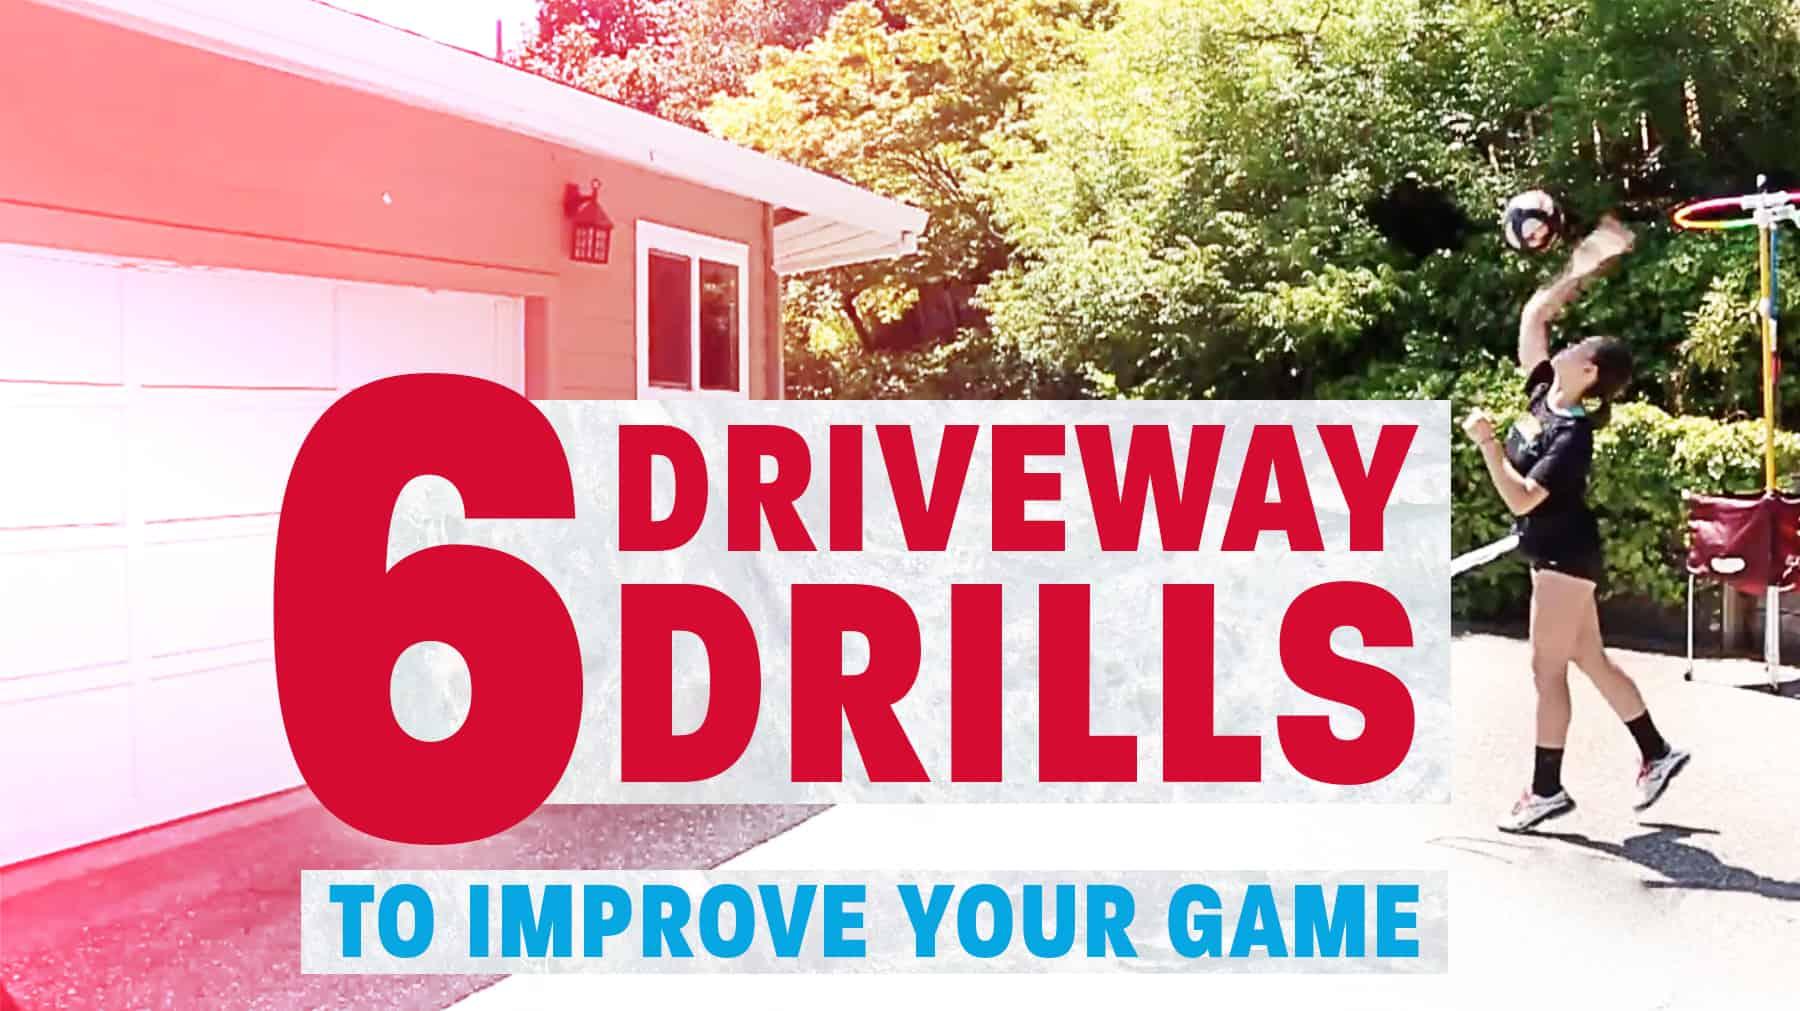 6 driveway drills